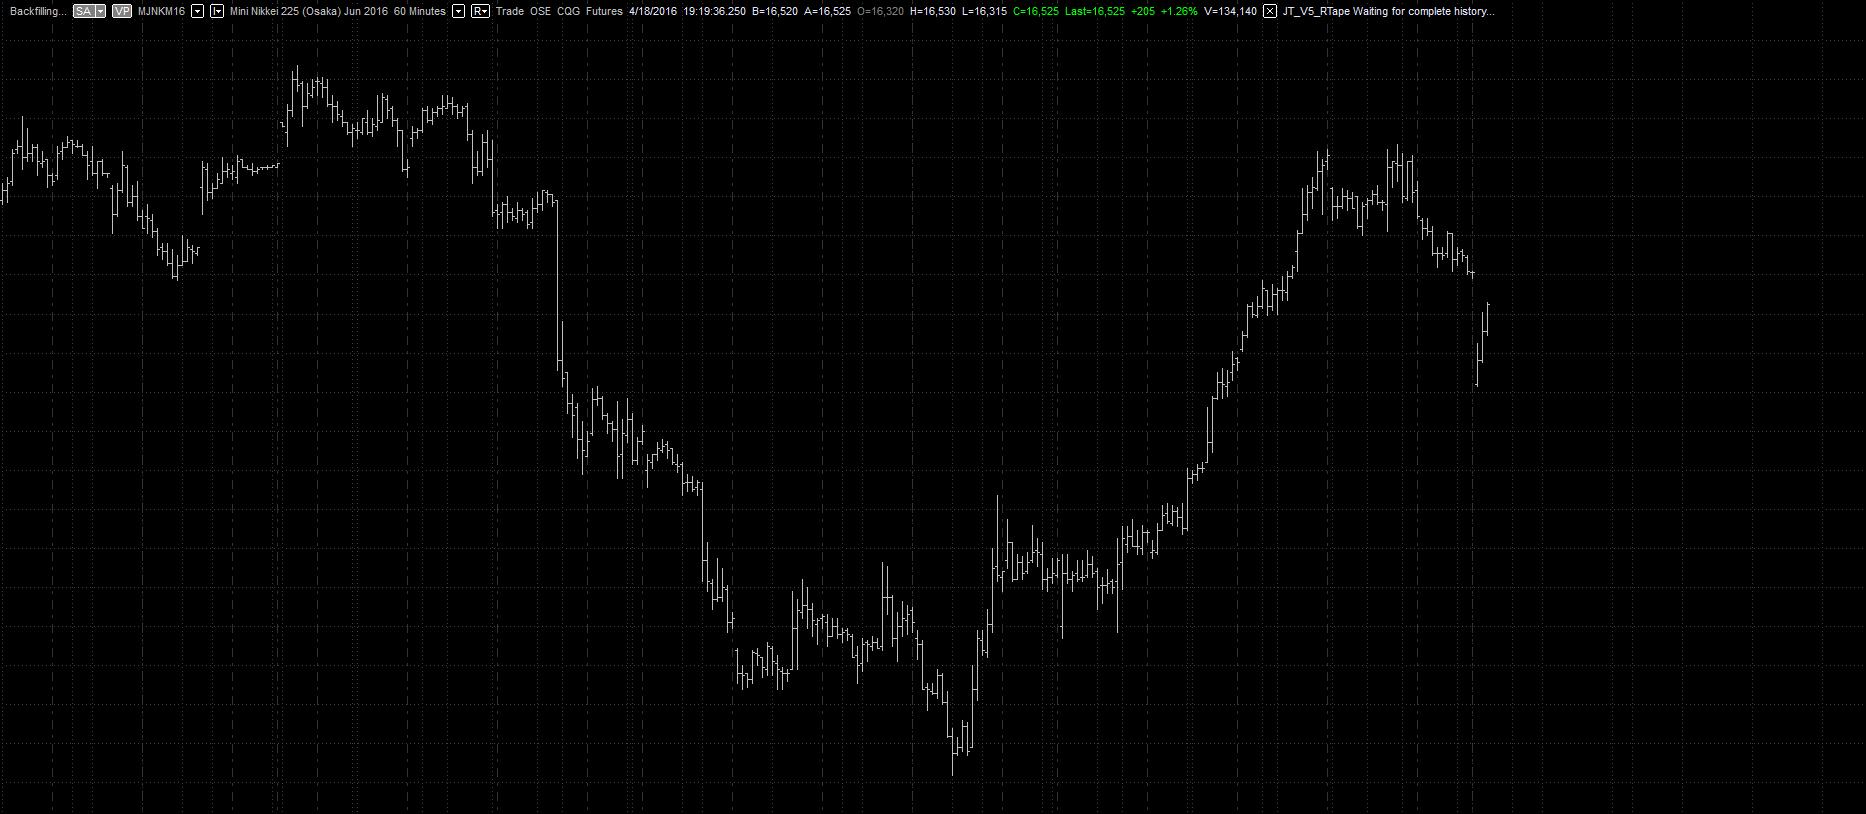 Osaka Nikkei 225 mini index futures - Emini and Emicro Index